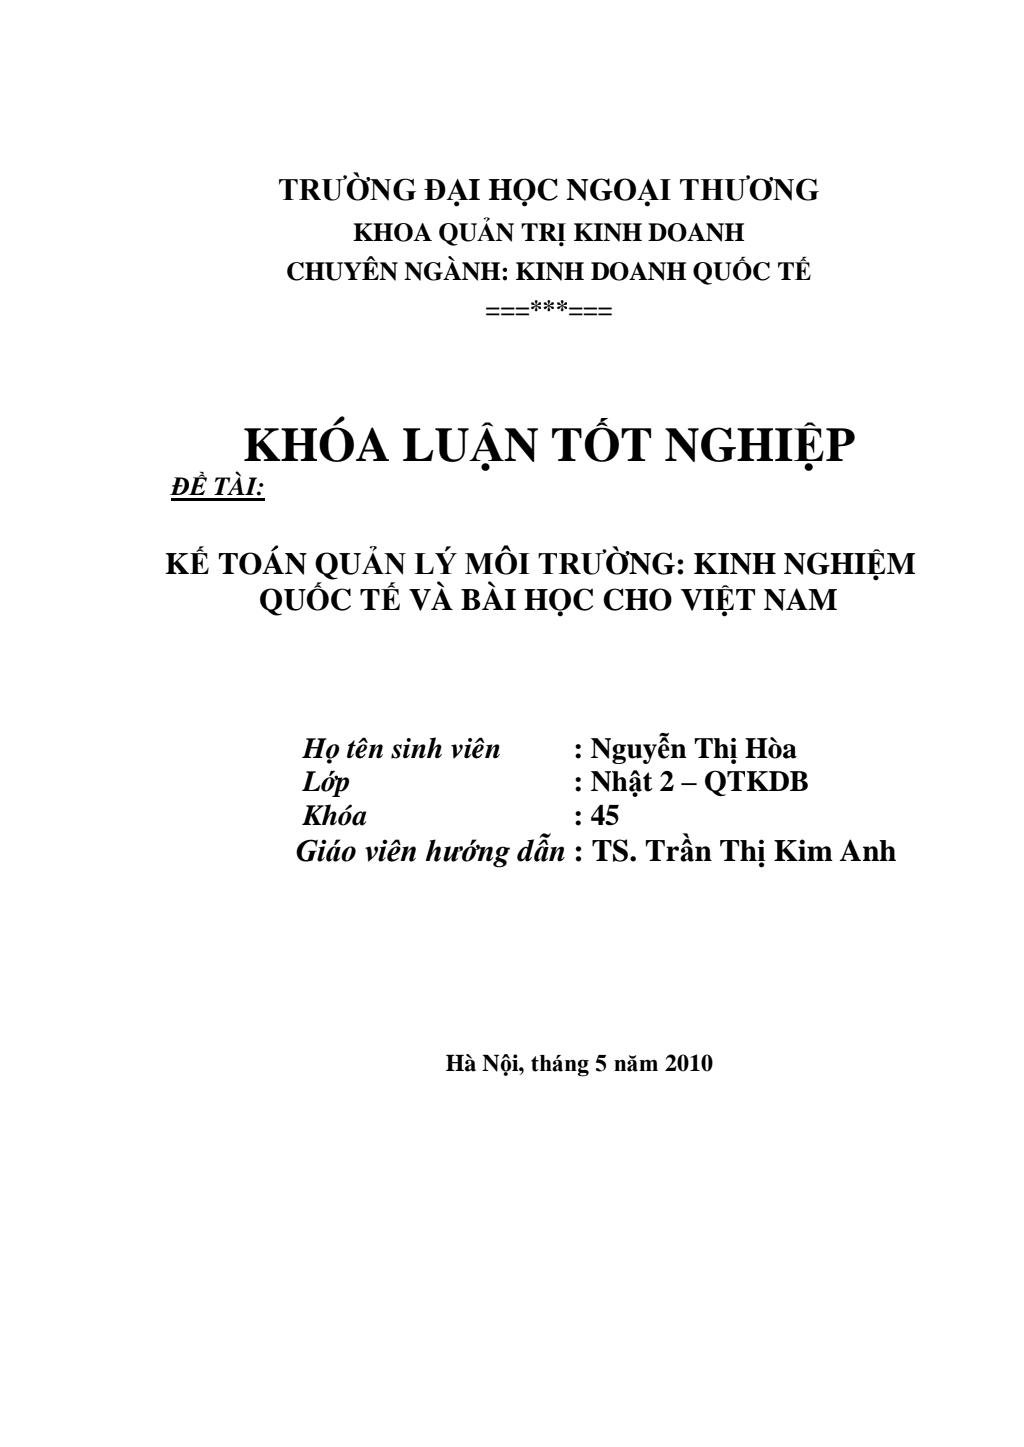 Khóa luận tốt nghiệp: Kế hoạch quản lý môi trường: Kinh nghiệm quốc tế và bài học Việt Nam